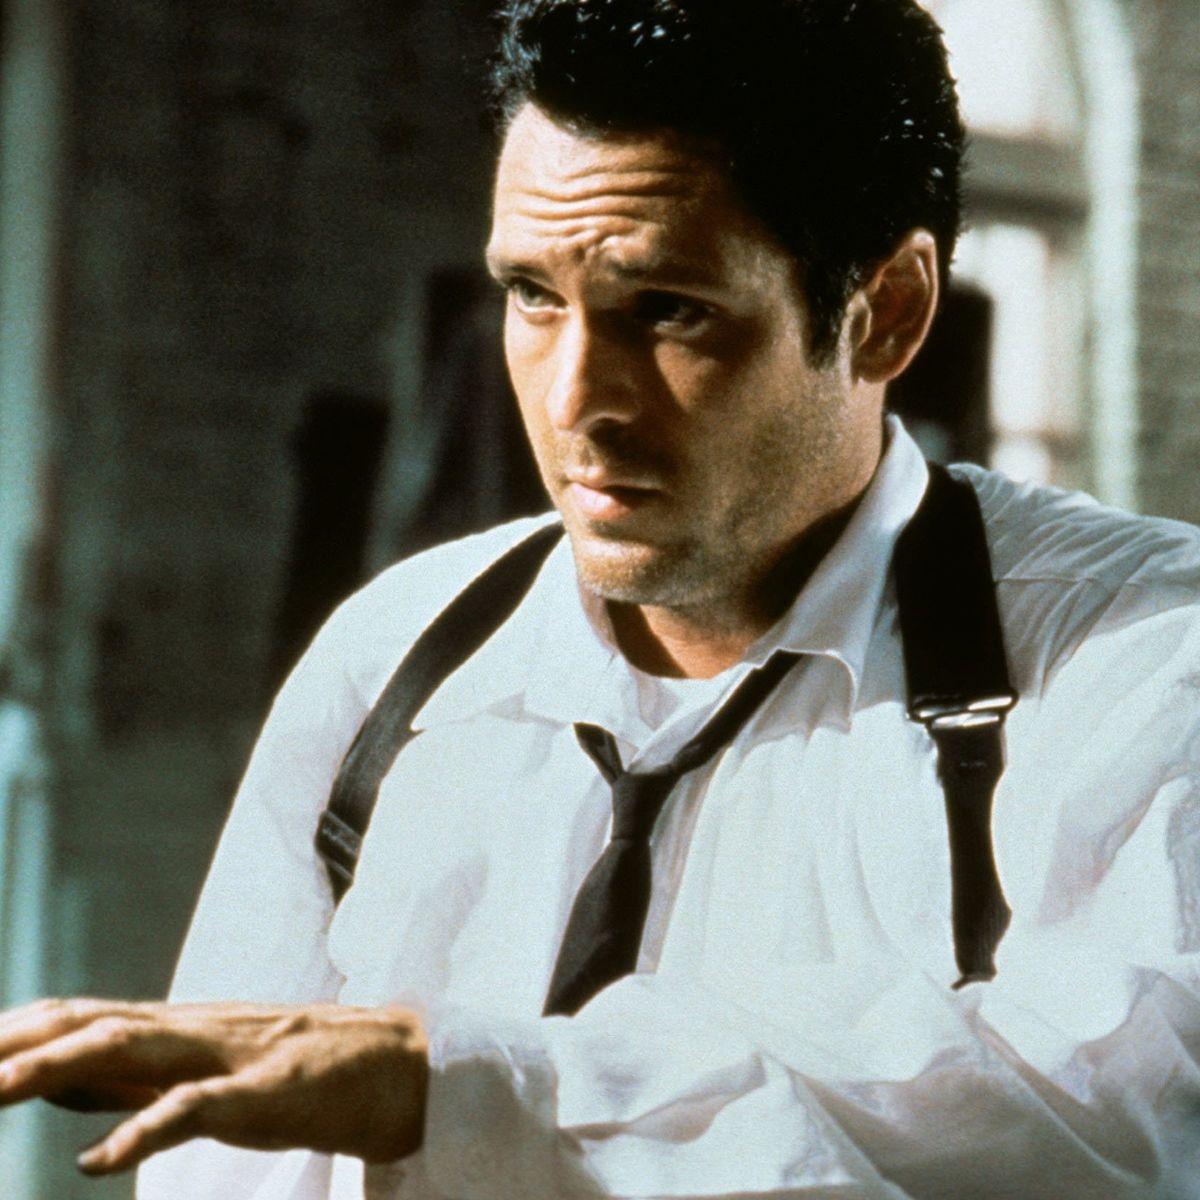 Michael-Madsen-Reservoir-Dogs.jpeg